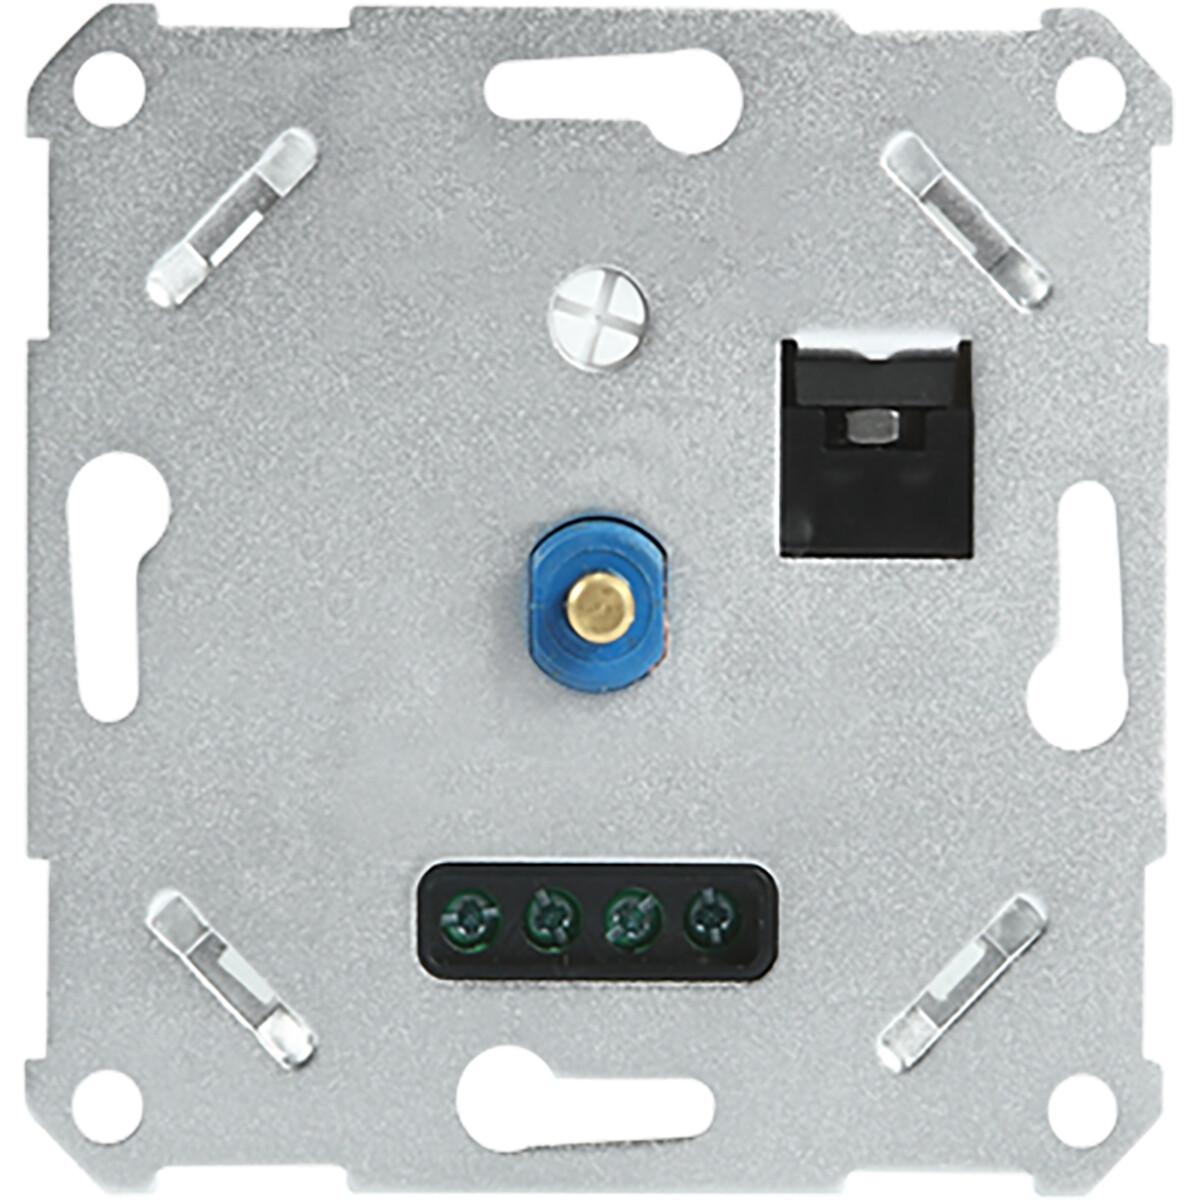 LED Dimmer - Varnix Dimo - Fase Afsnijding RC - Inbouw - Enkel Knop - 3-200W